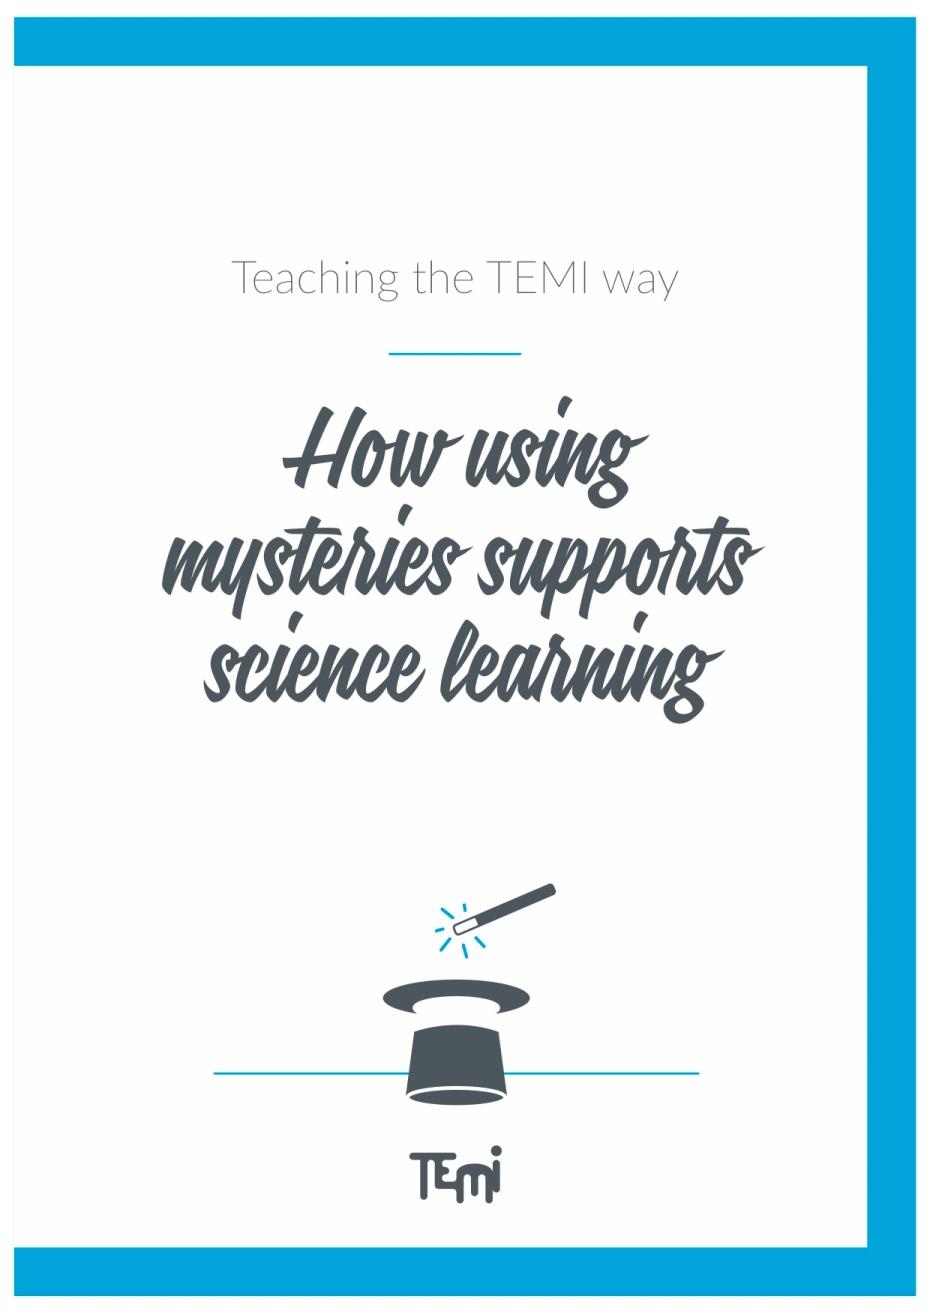 Temi_teaching_guidebook_cover